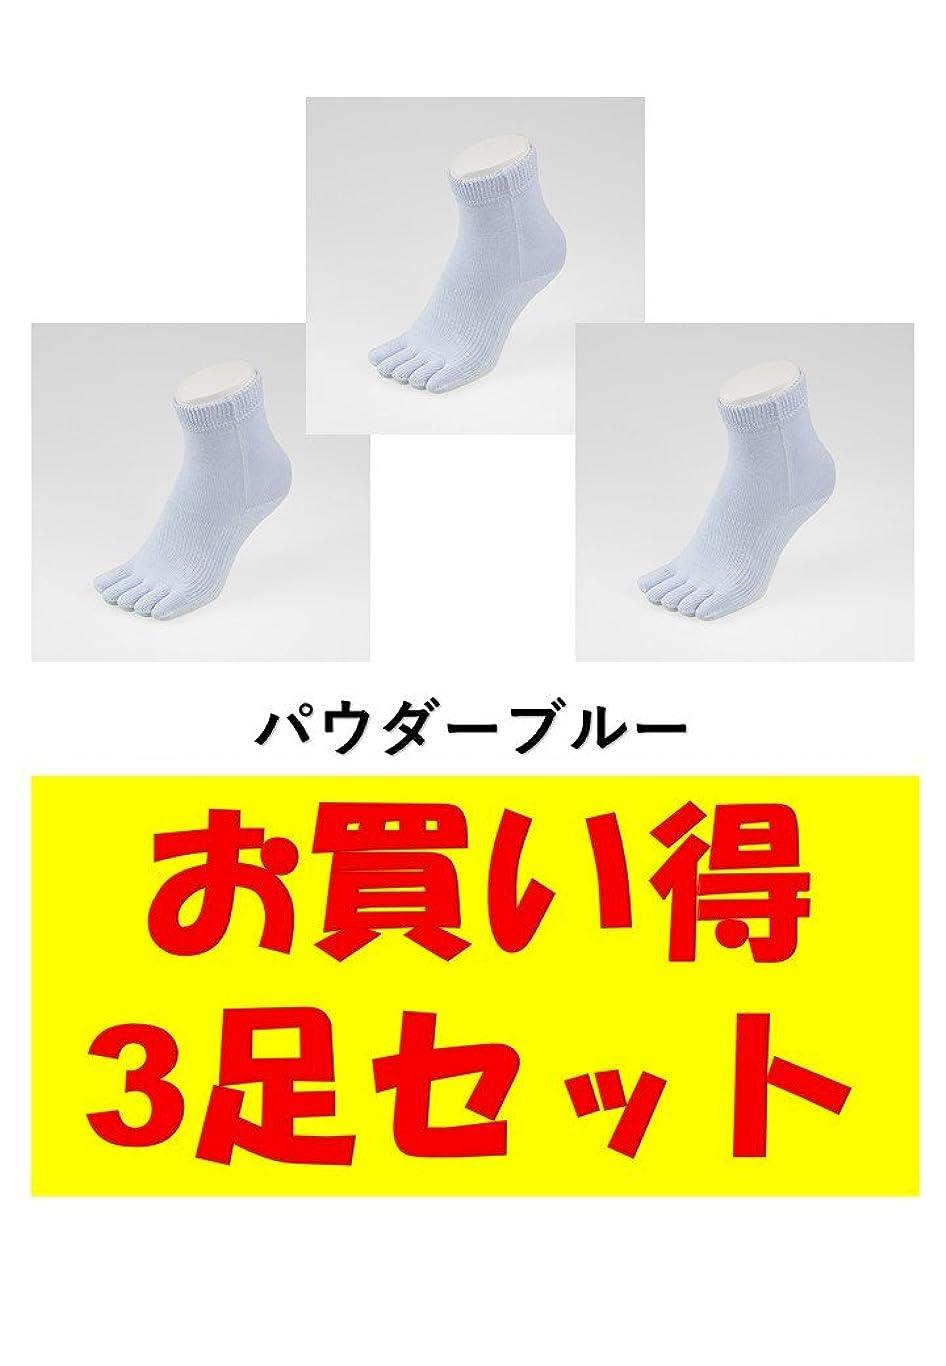 静かに批判的にヘビーお買い得3足セット 5本指 ゆびのばソックス Neo EVE(イヴ) パウダーブルー Sサイズ(21.0cm - 24.0cm) YSNEVE-PBL